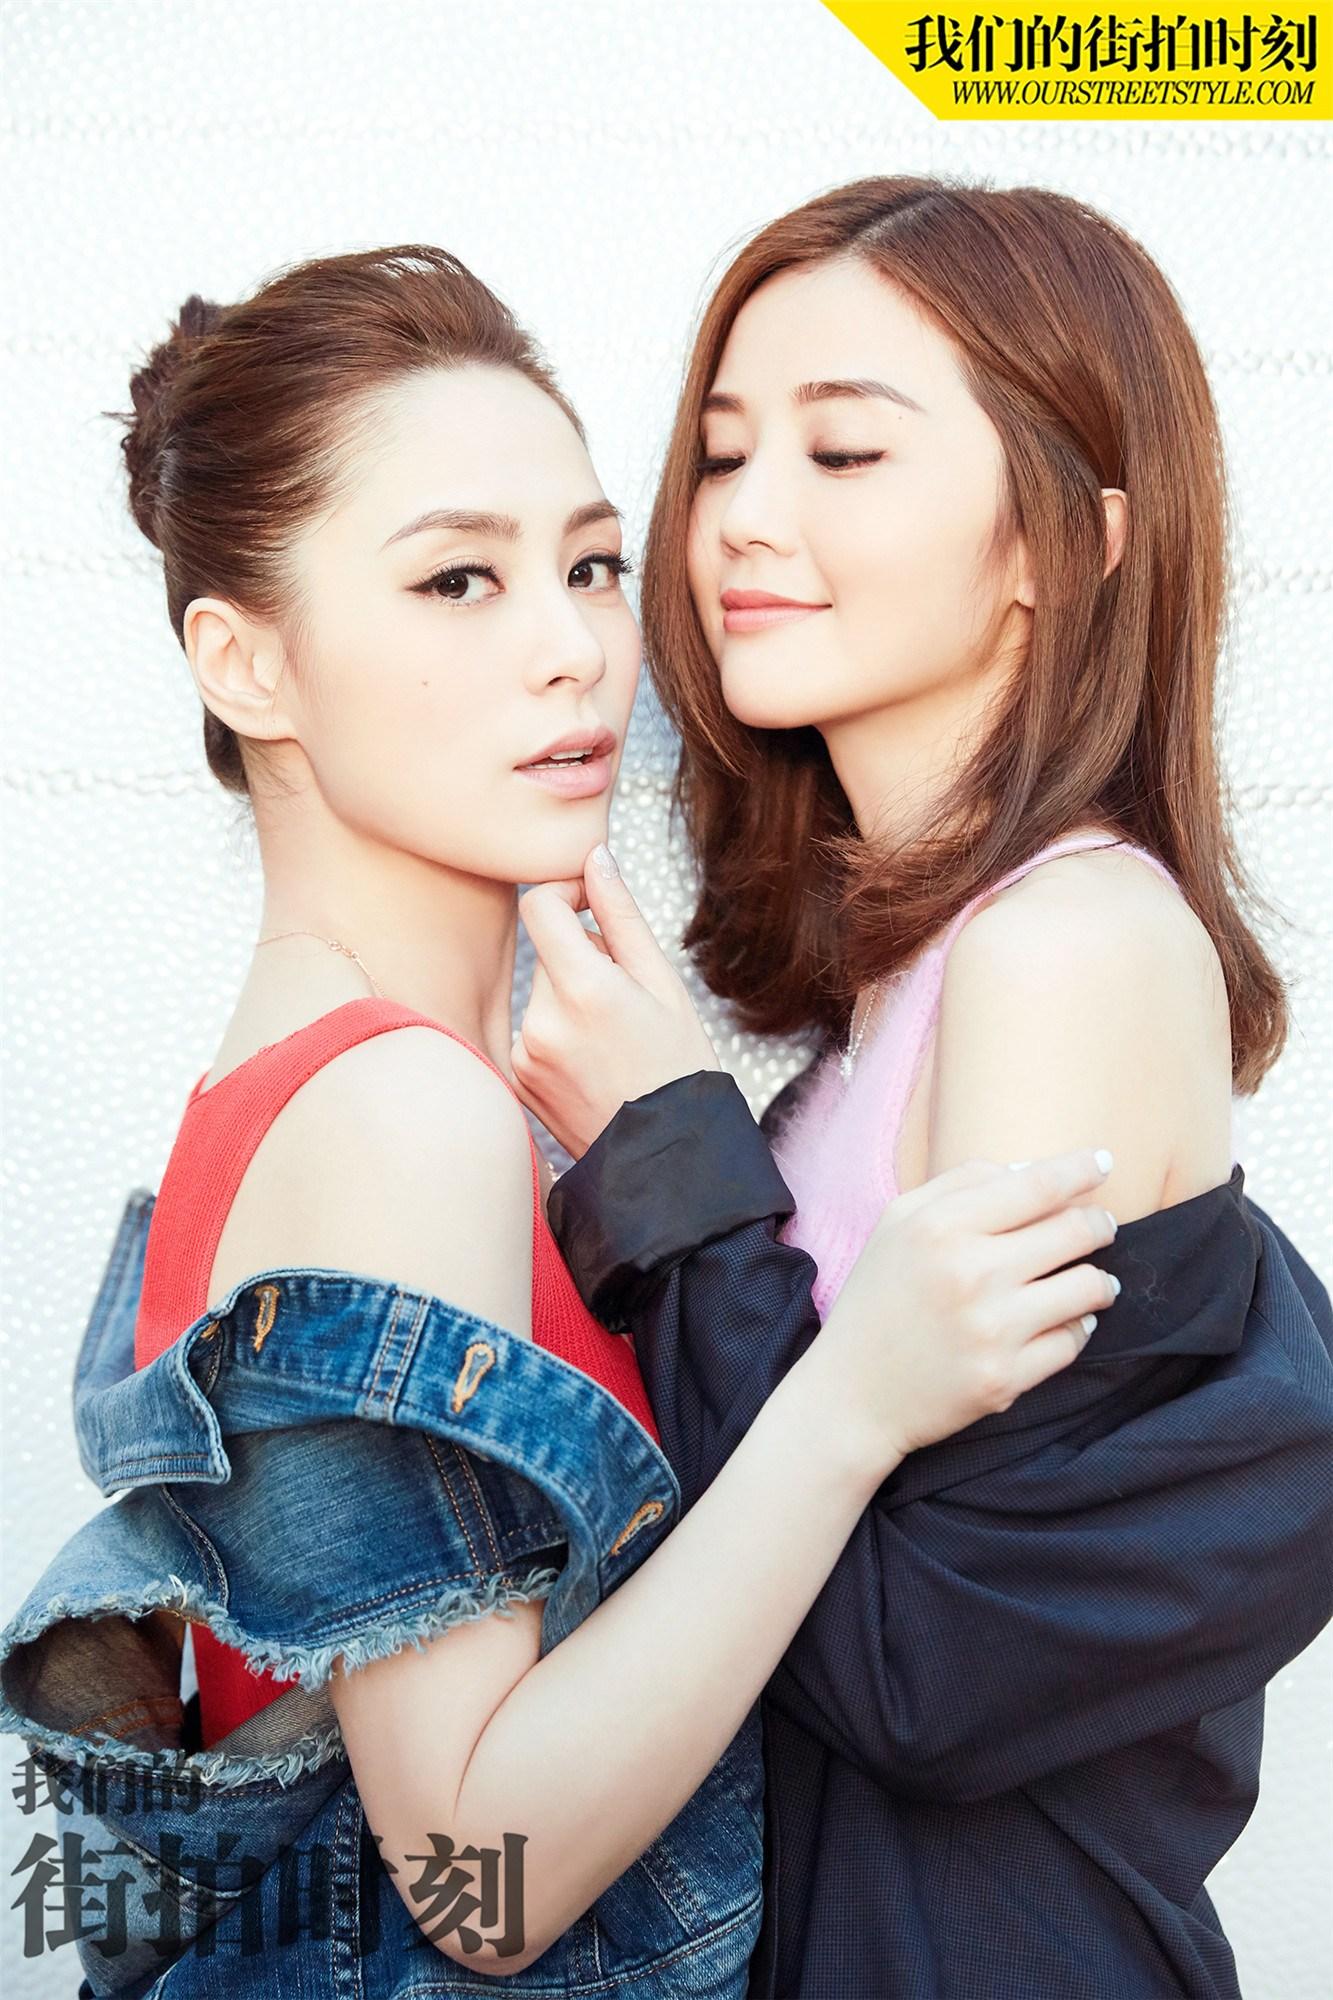 Twins姐妹高颜值街拍曝光 秀甜腻闺蜜情